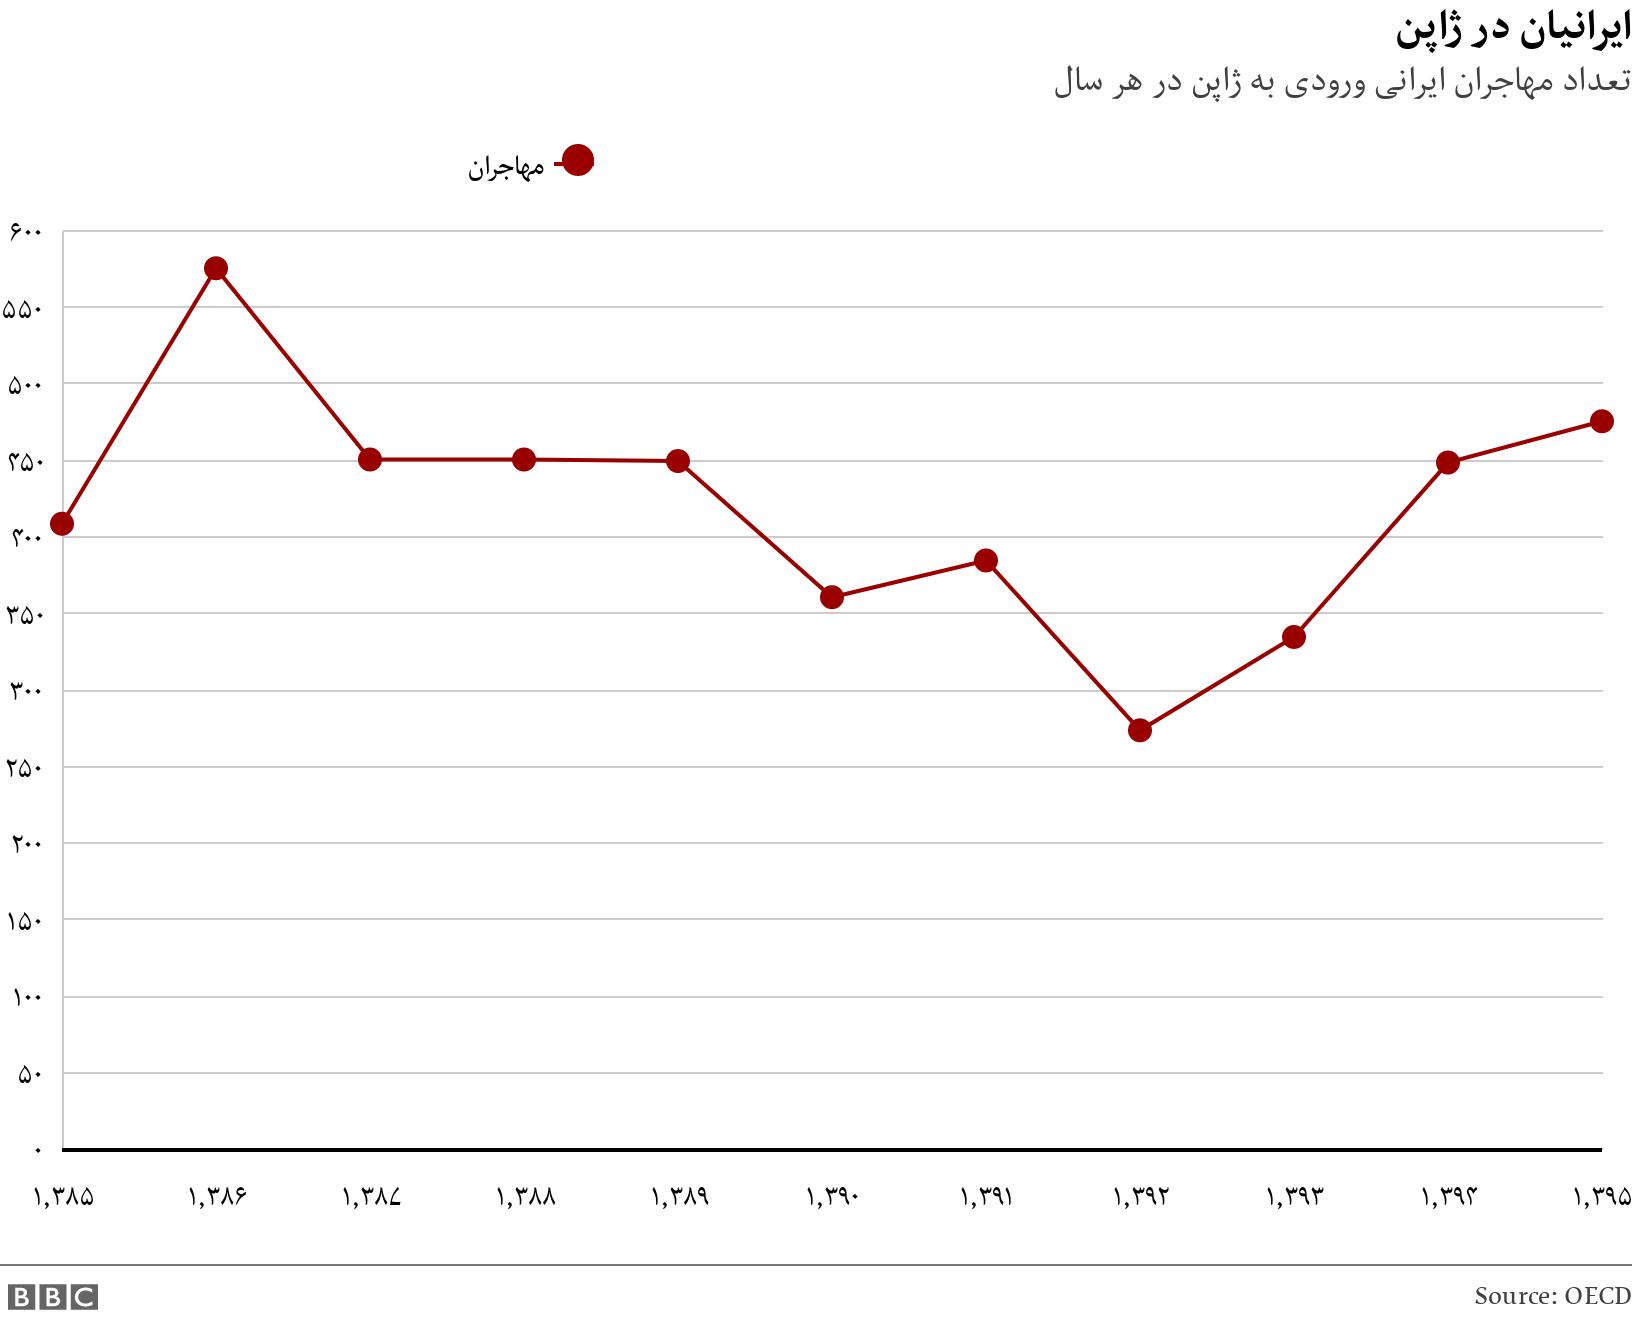 ایرانیان در ژاپن. تعداد مهاجران ایرانی ورودی به ژاپن در هر سال.  .